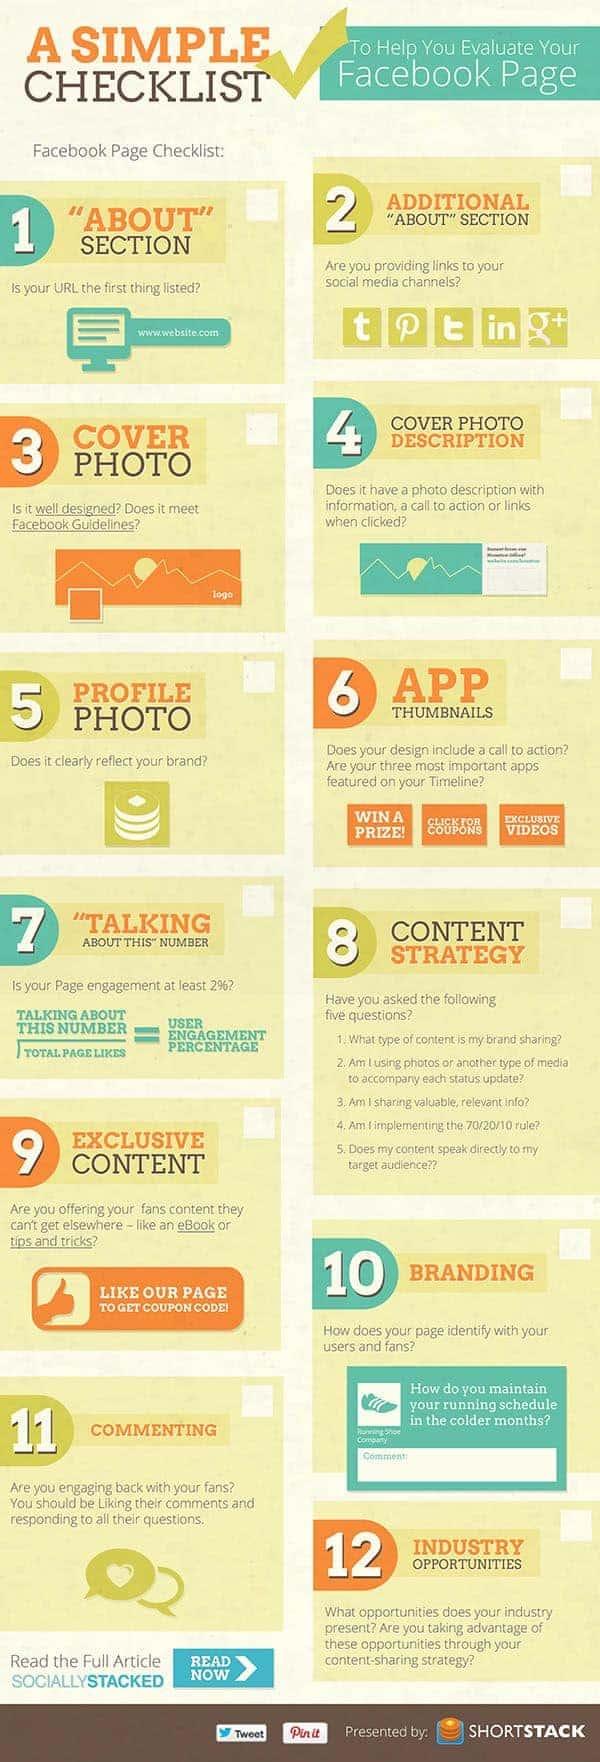 simple facebook page checklist